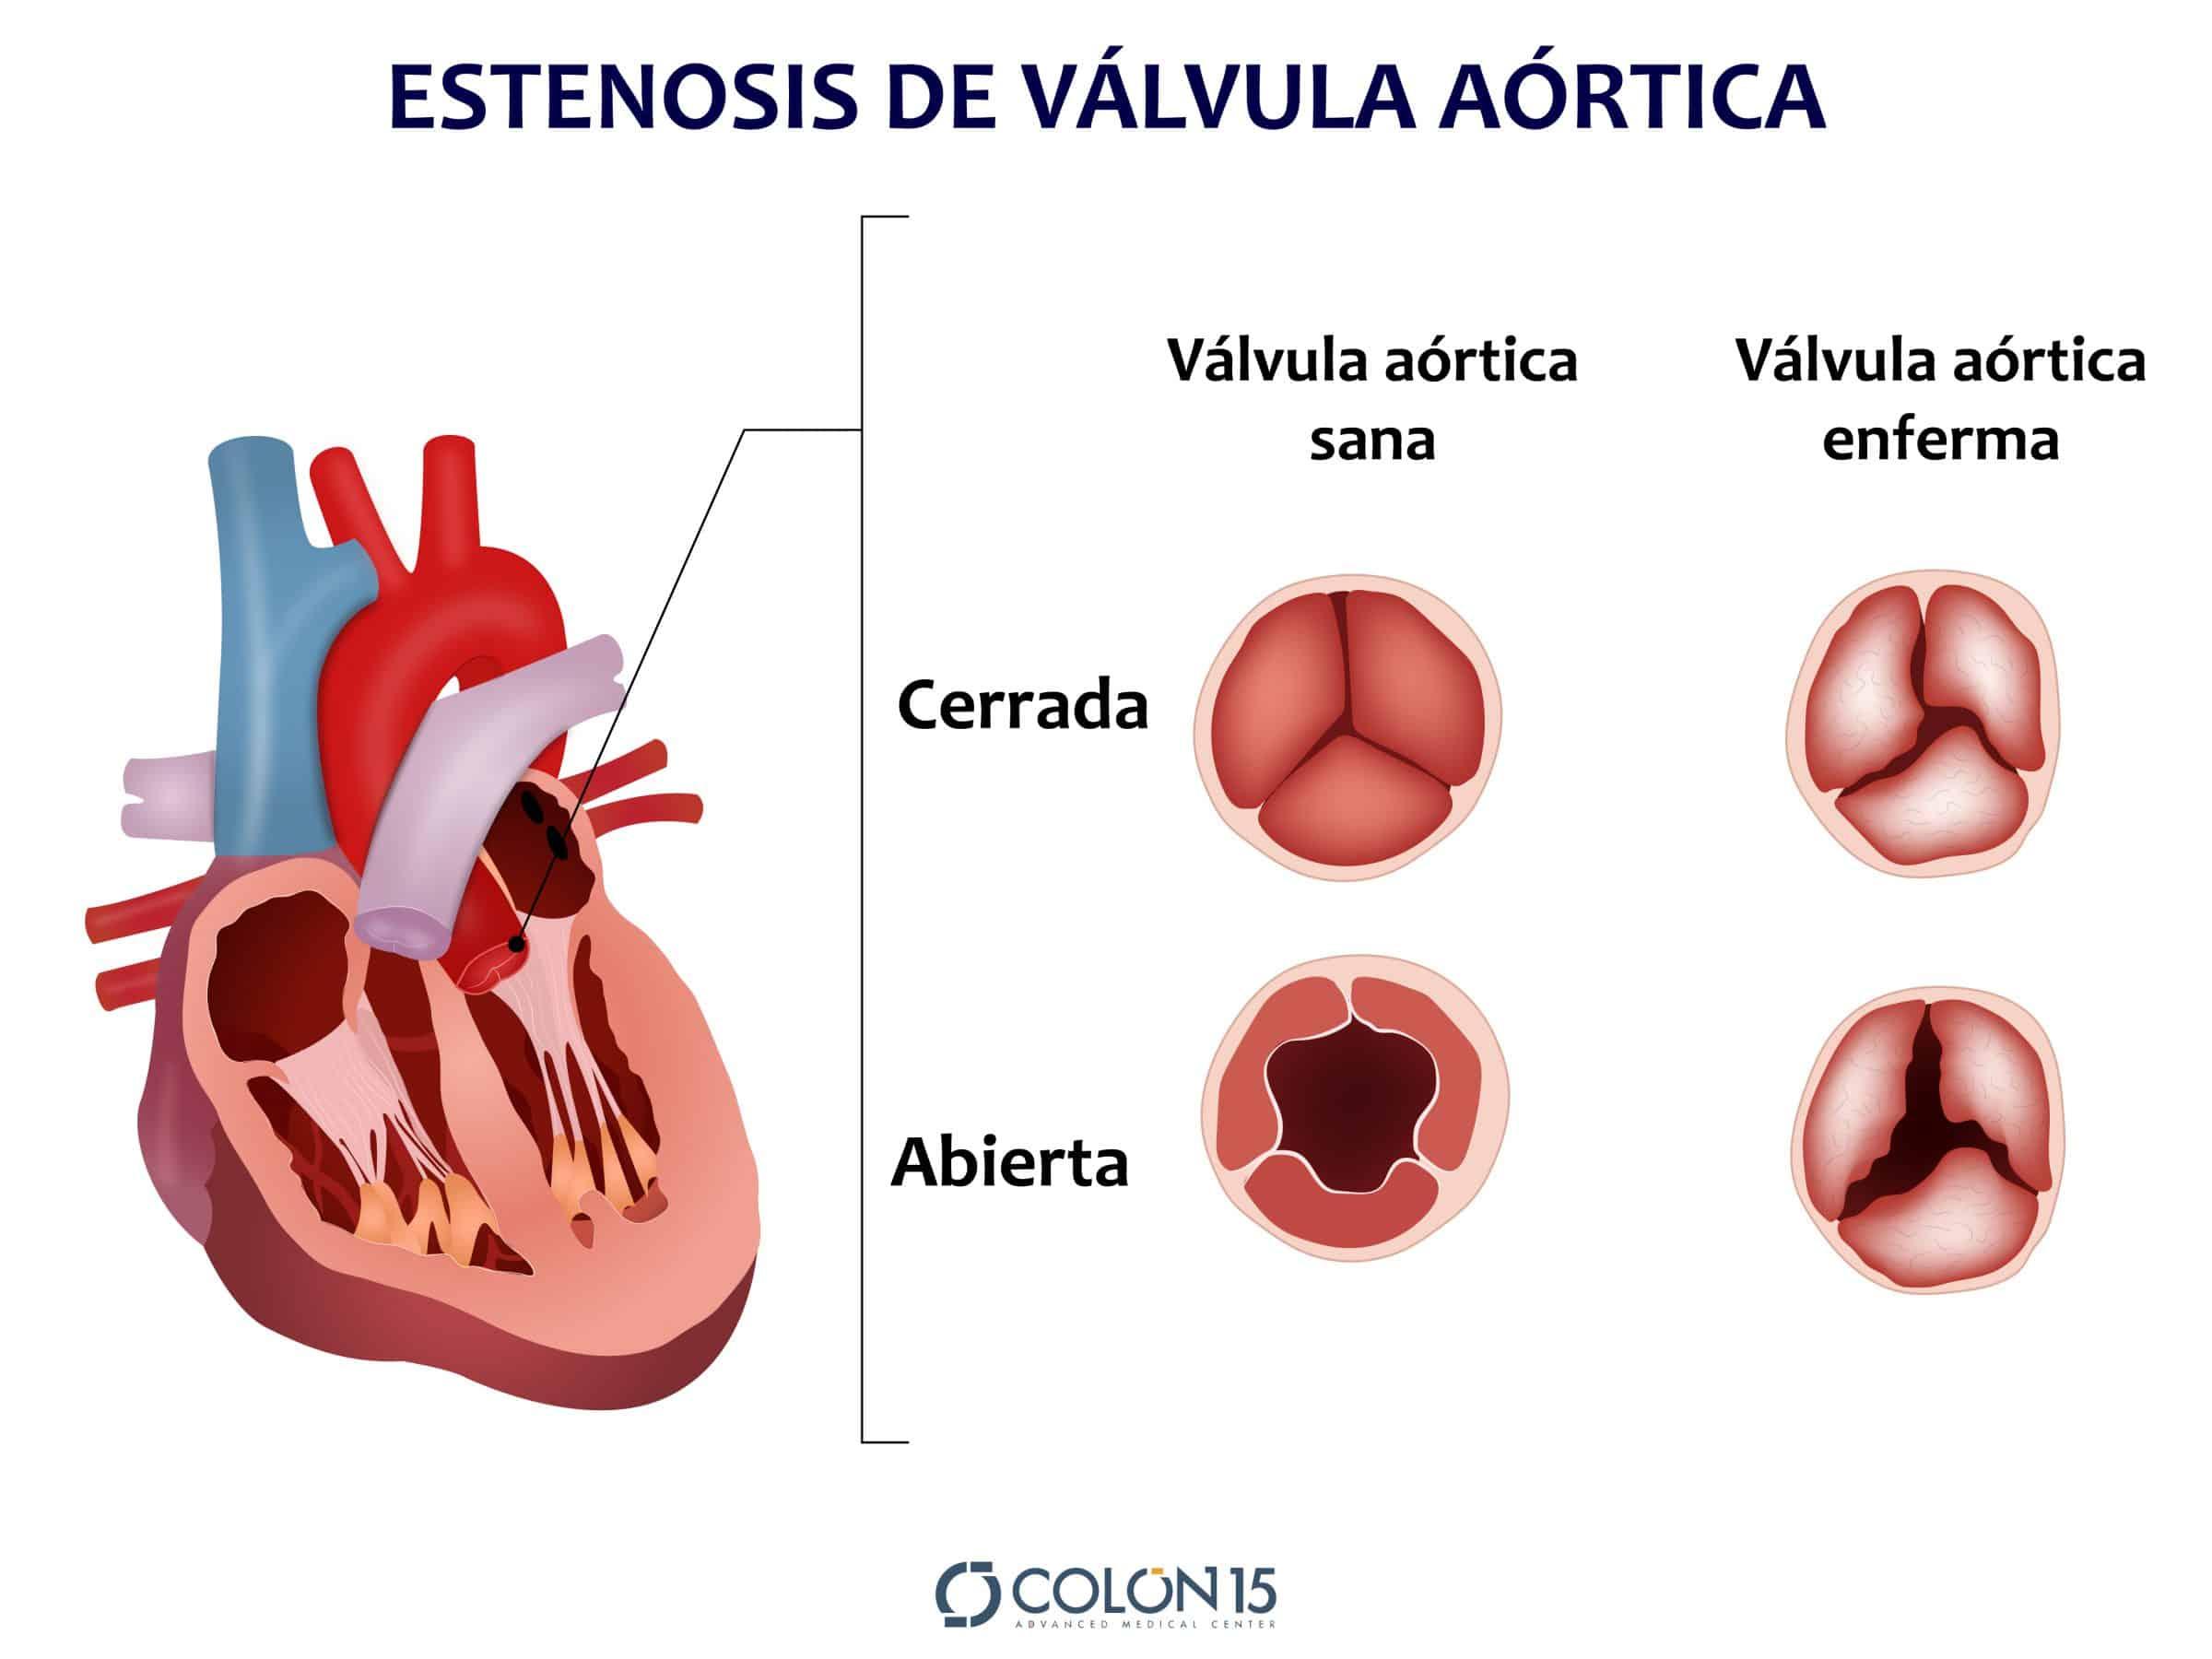 estenosis de valvula aortica